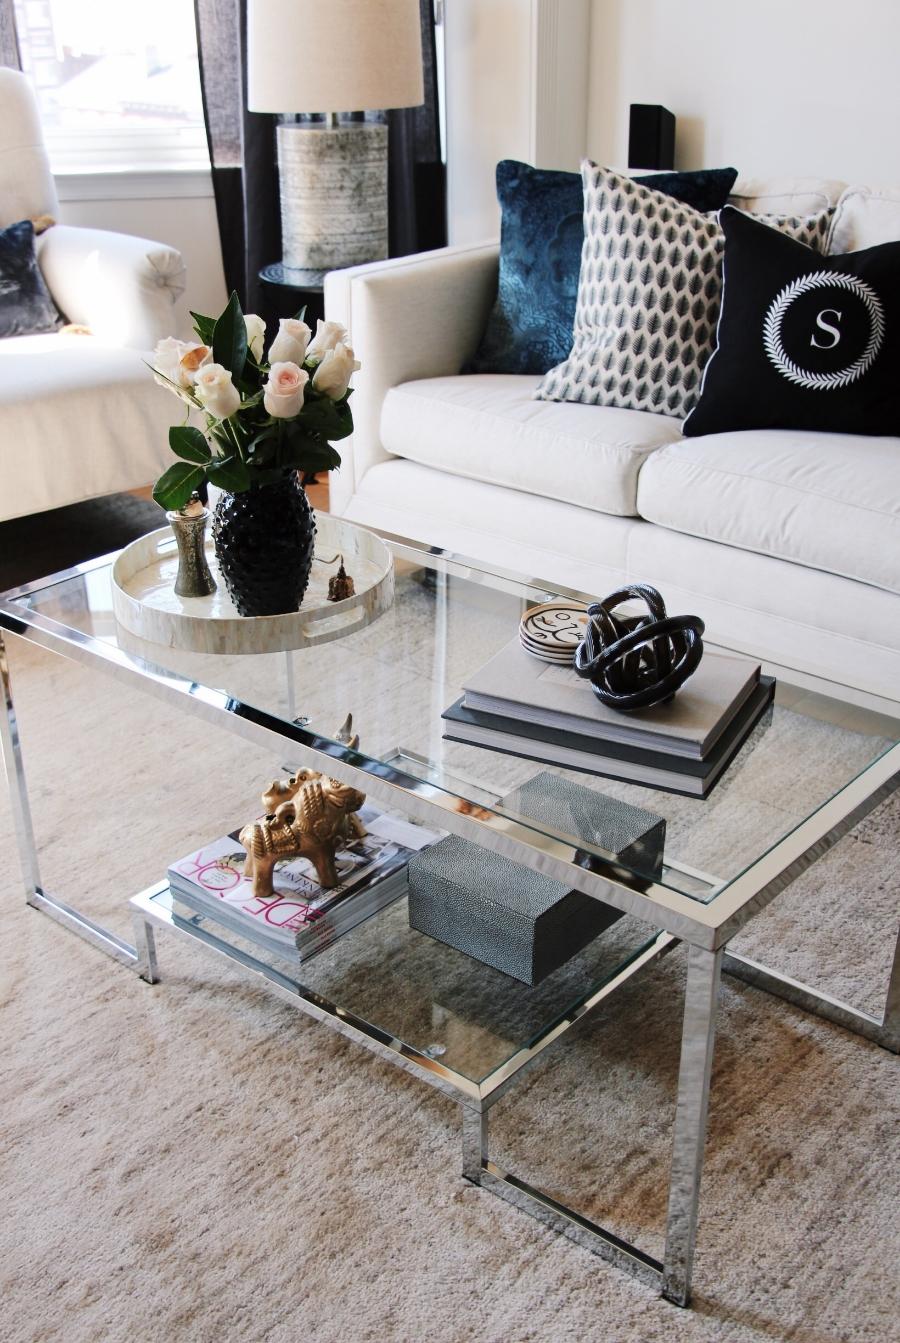 splendor-styling-home-design